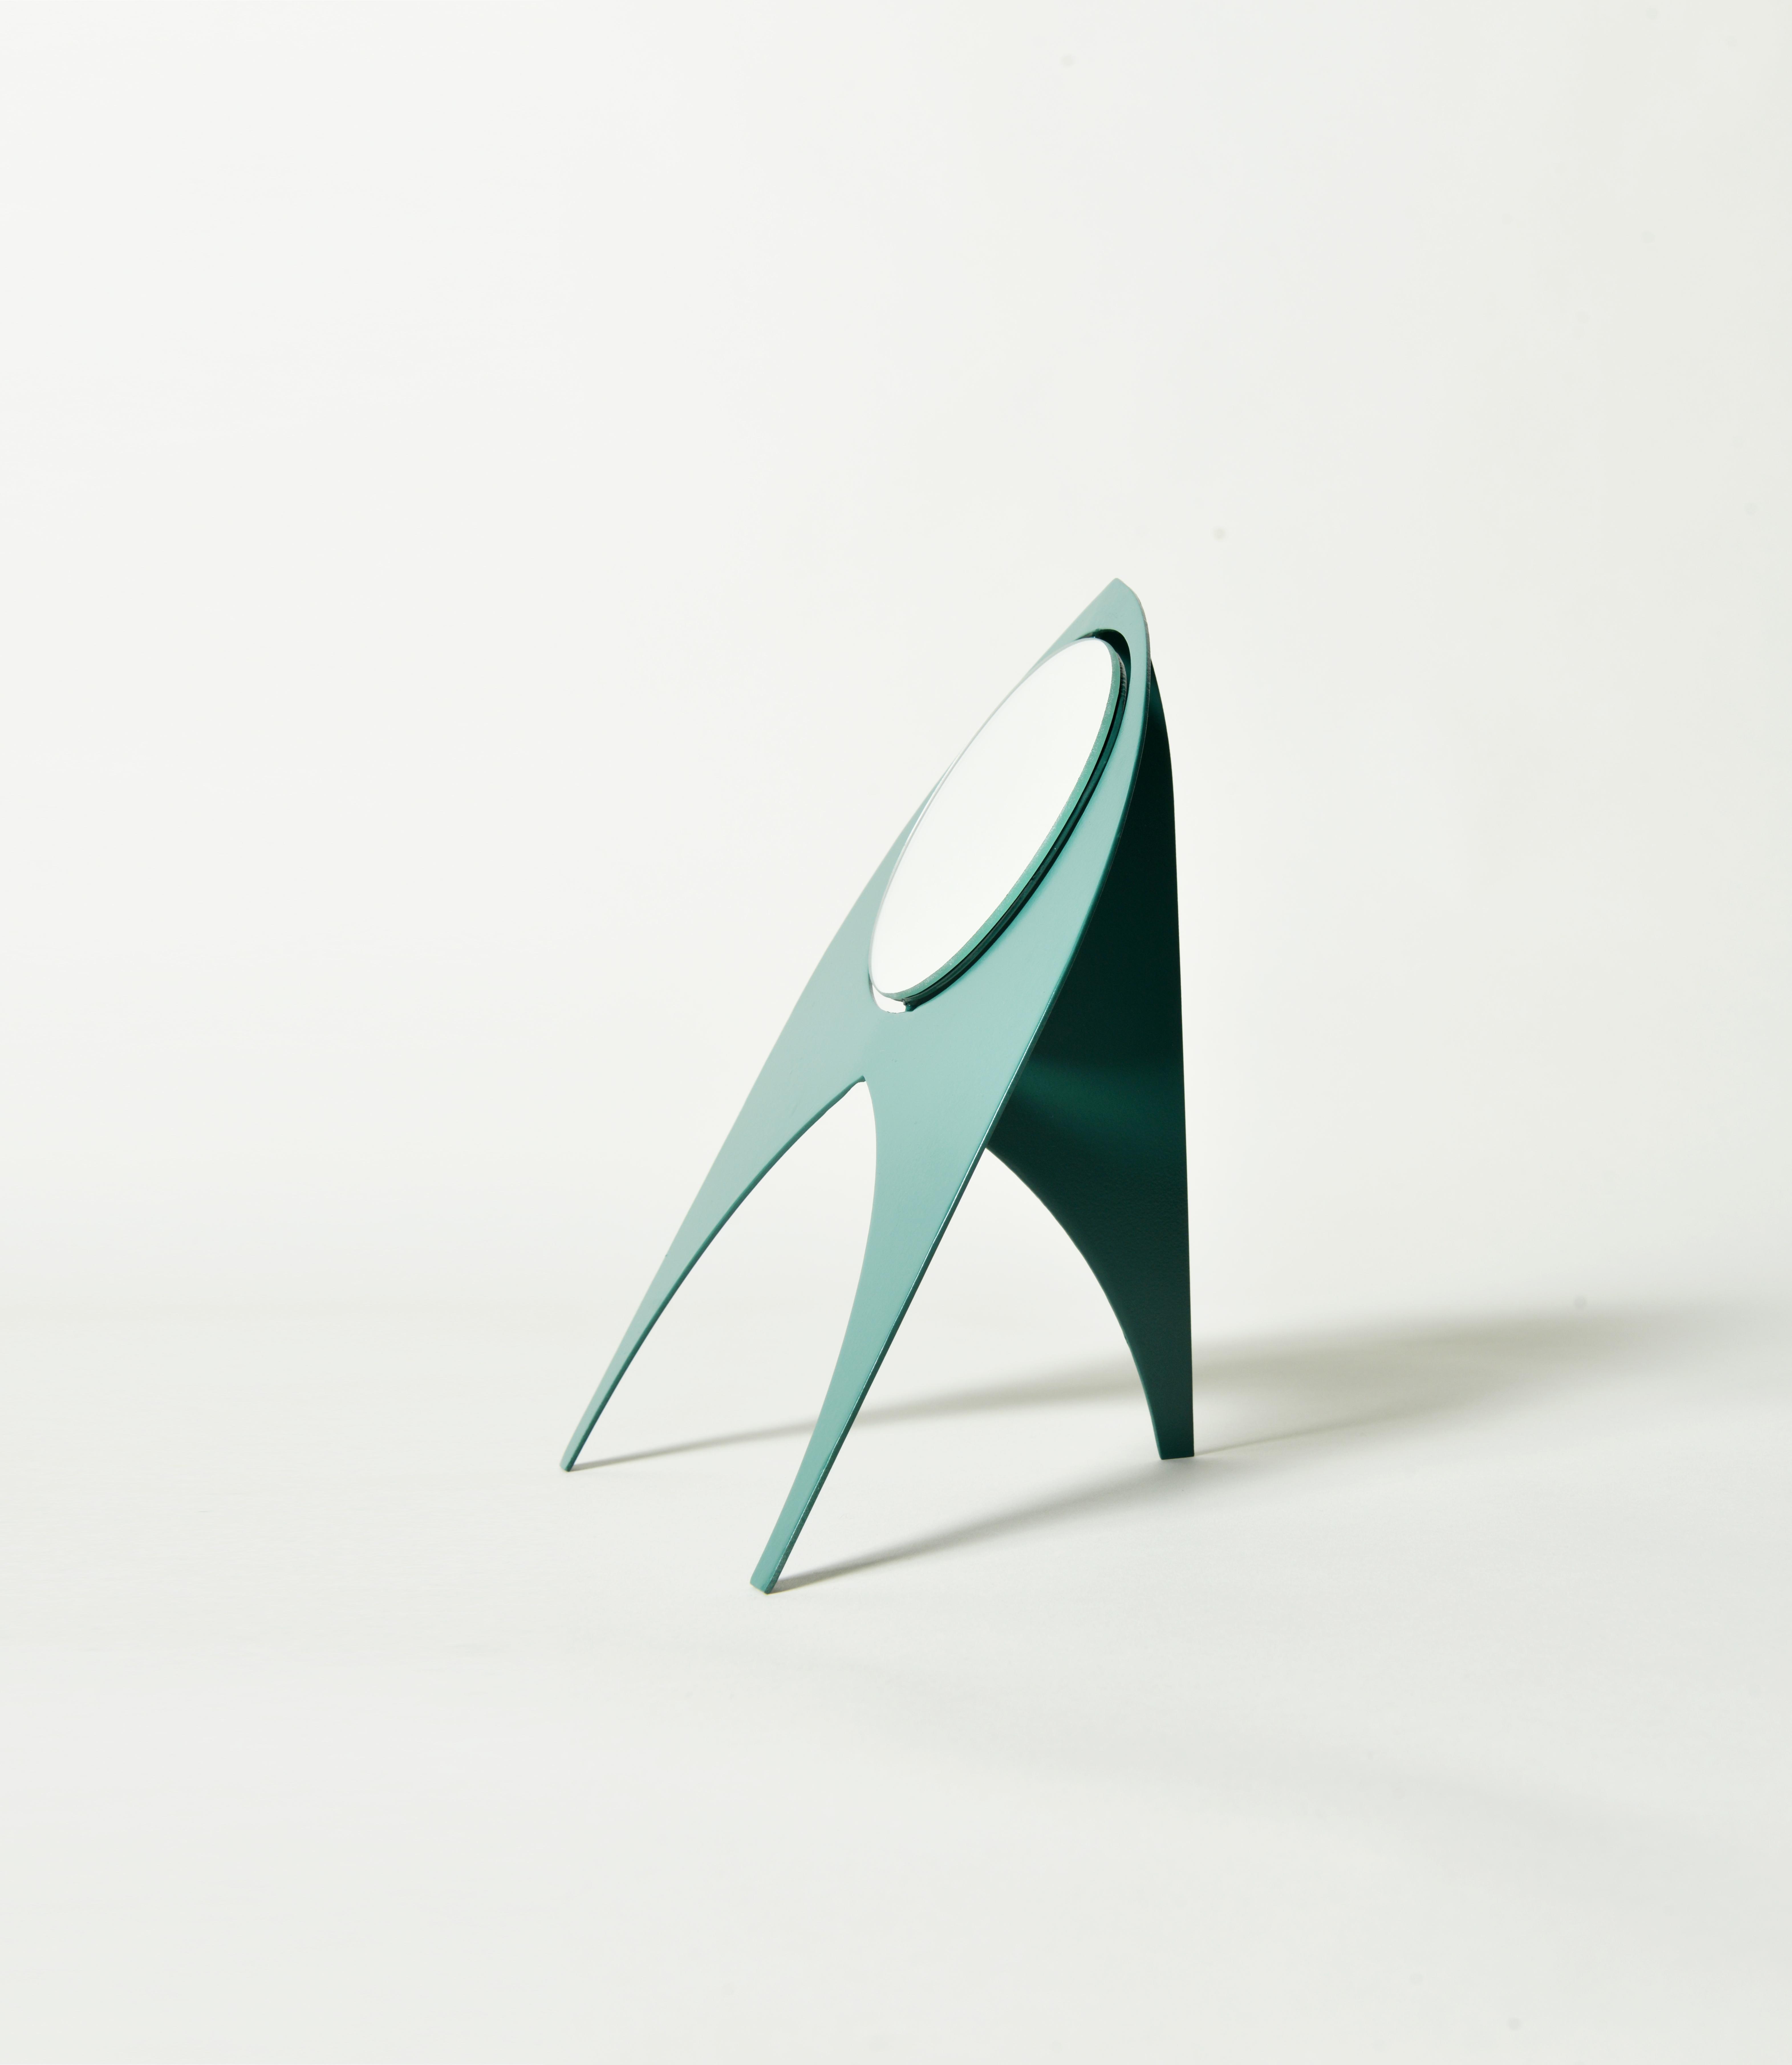 kaws-mirror-ayna-emnastudio